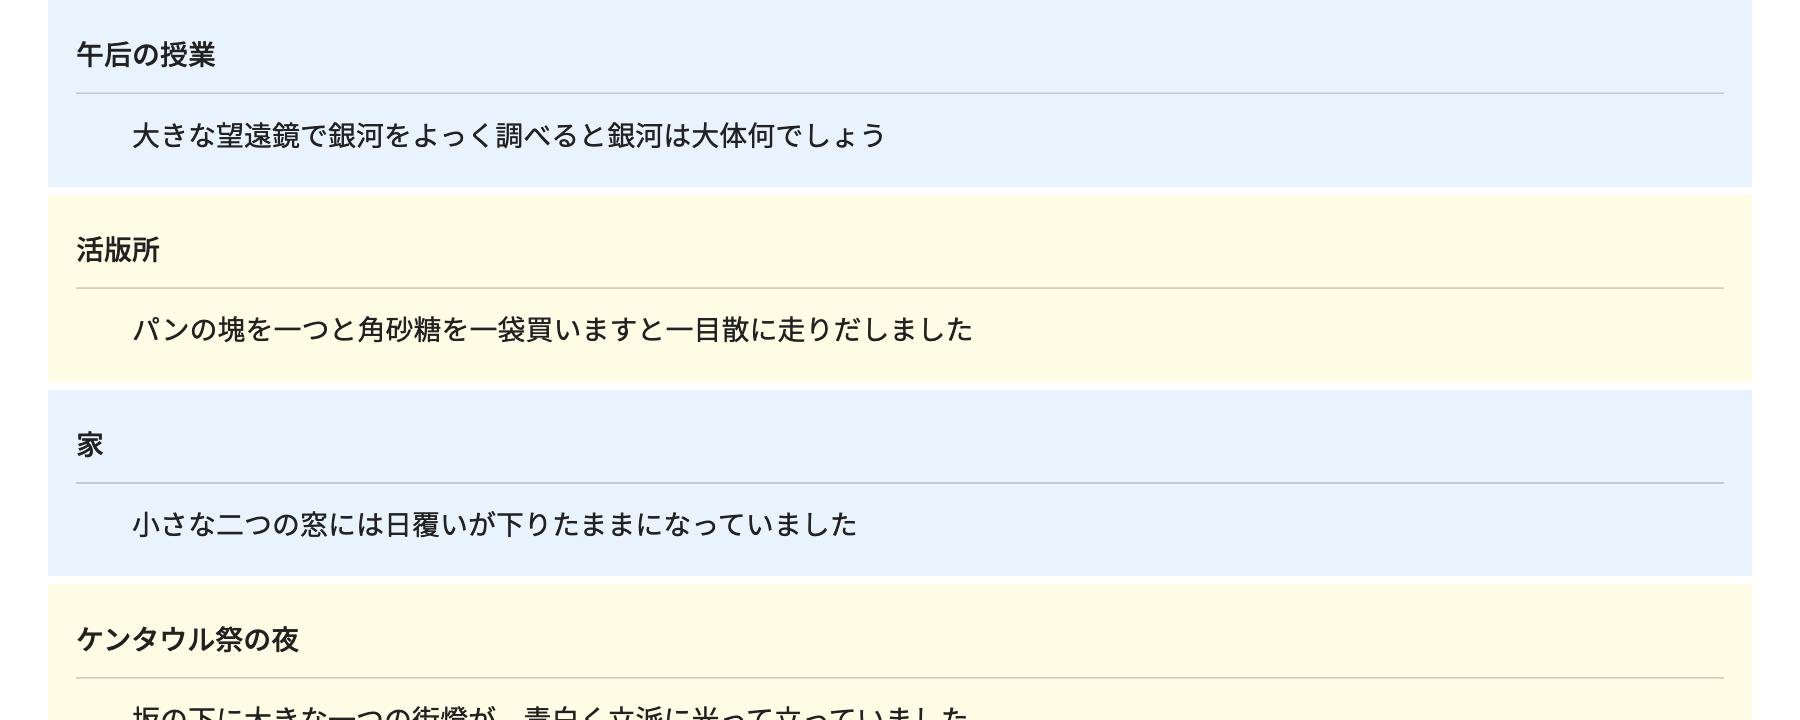 インデックス式リストのアレンジ例